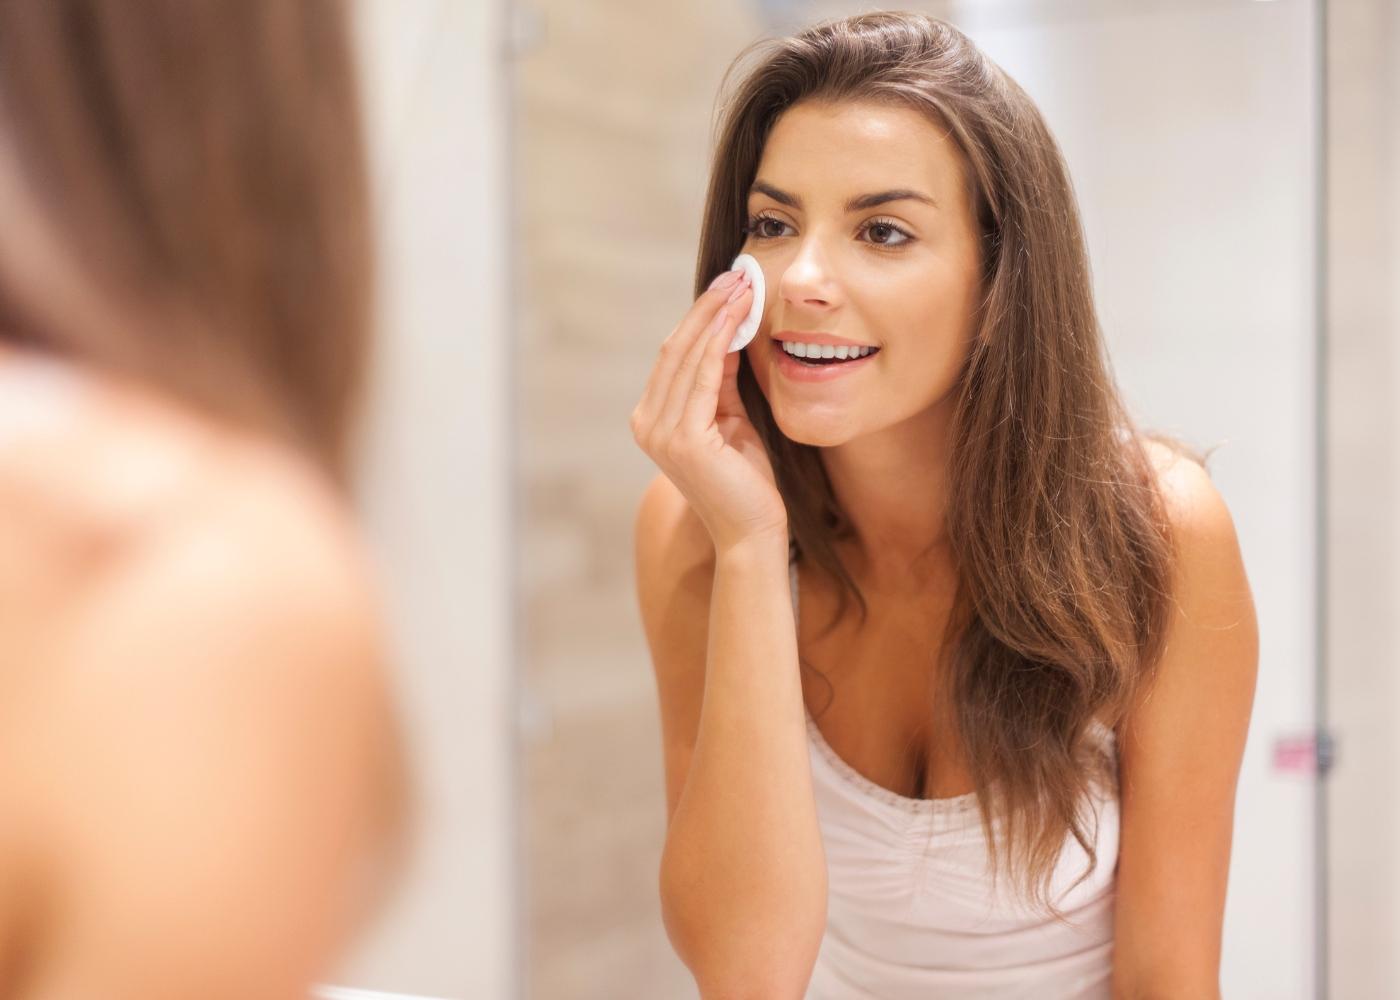 mulher a tirar a maquilhagem do rosto antes de dormir